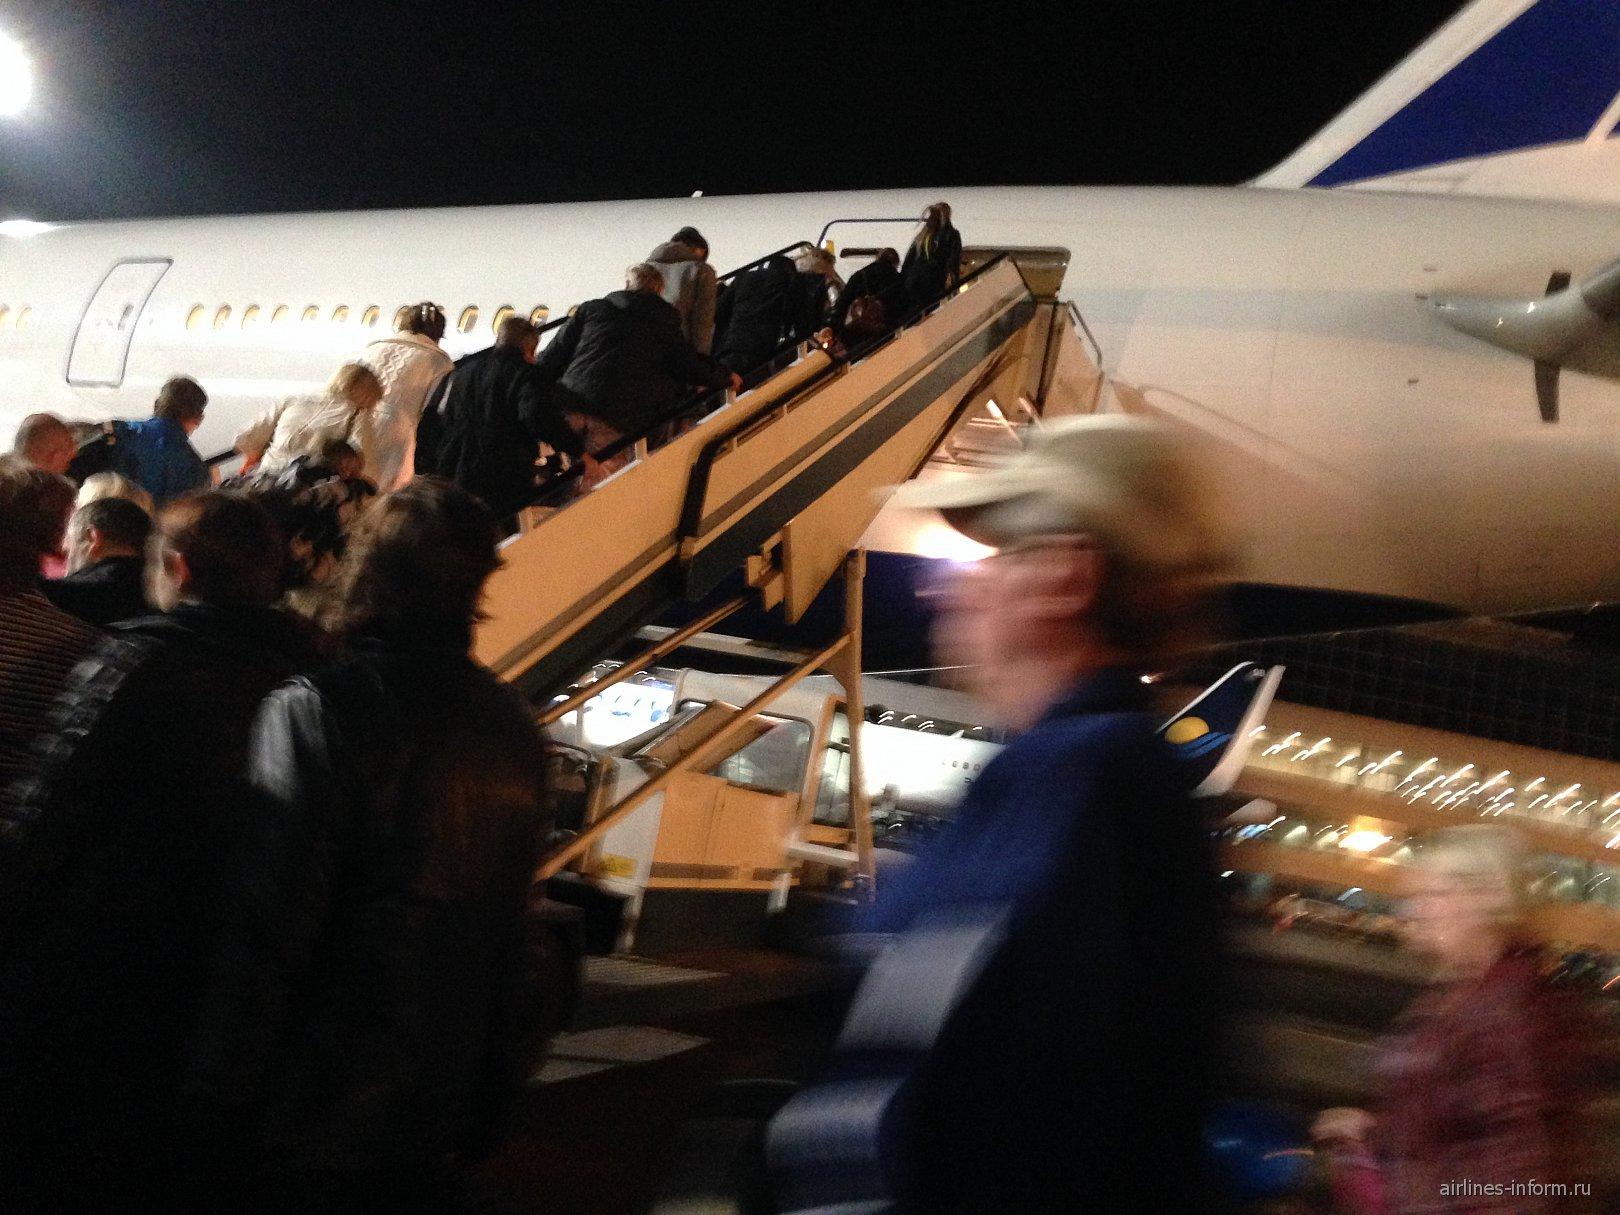 Посадка в самолет Боинг-777-200 Трансаэро